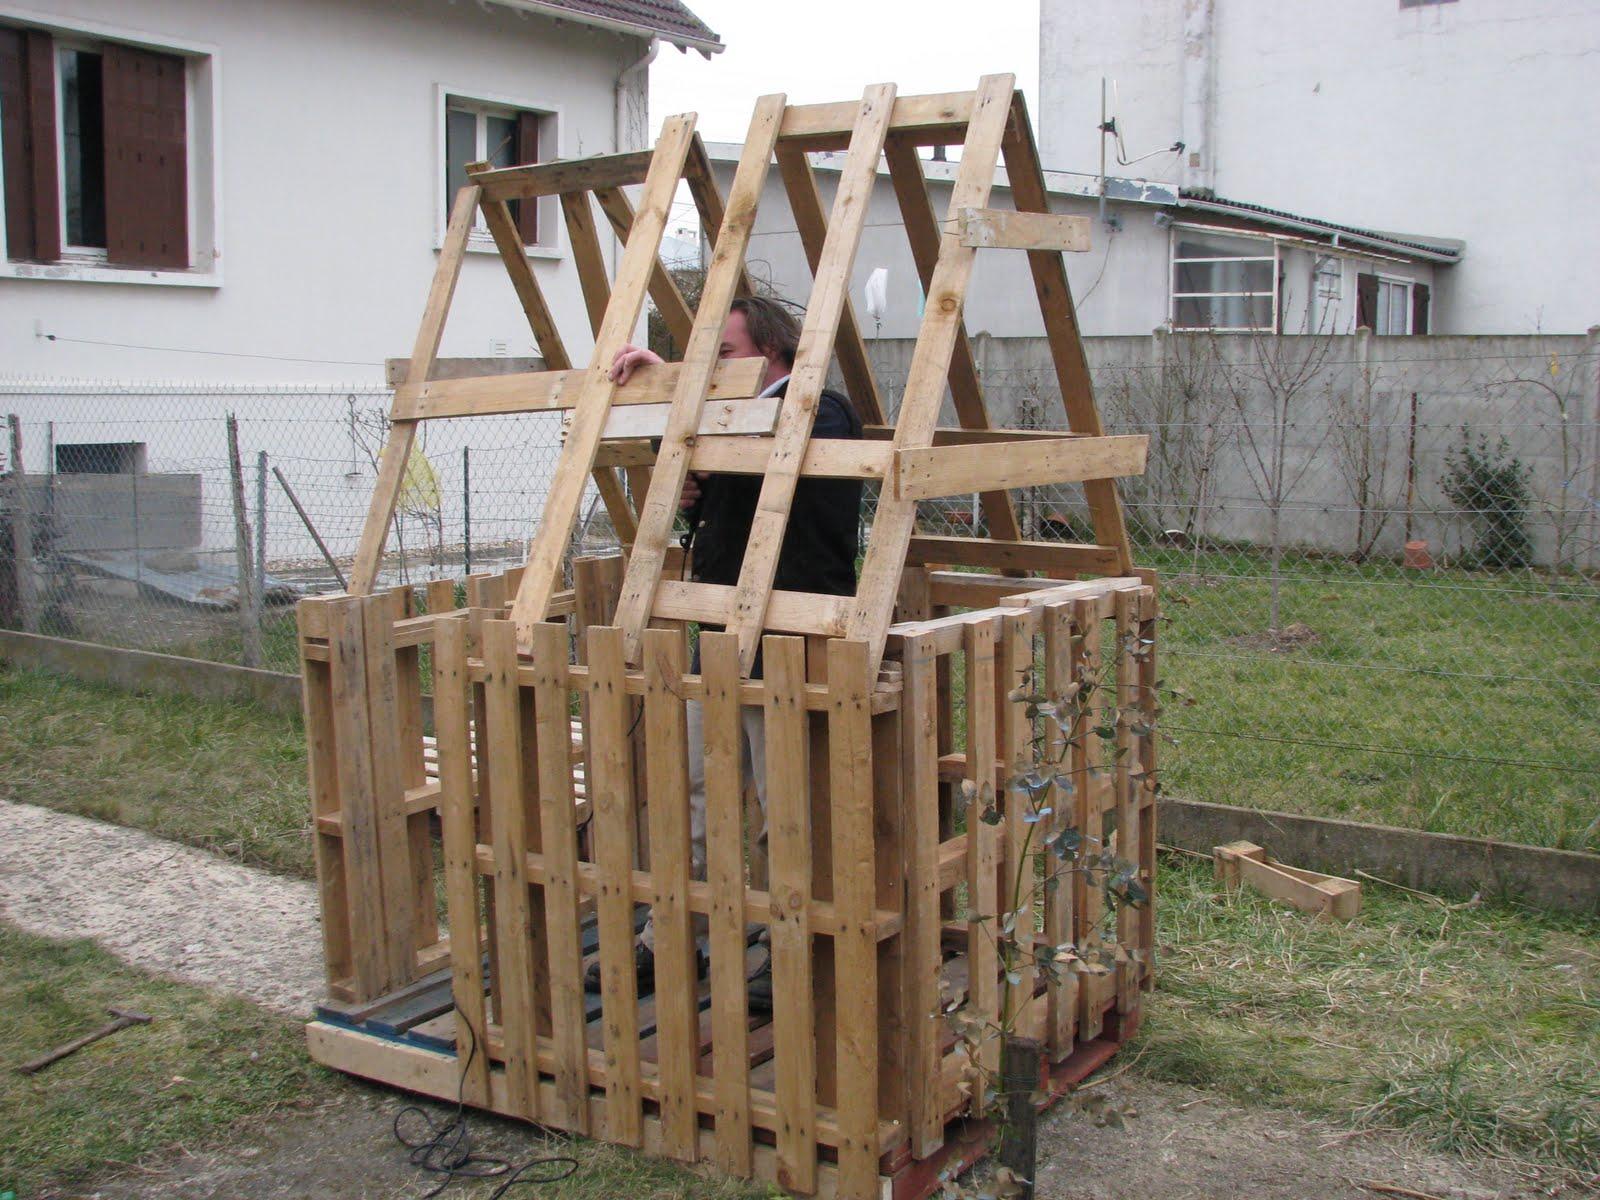 comment construire une cabane avec des palettes. Black Bedroom Furniture Sets. Home Design Ideas